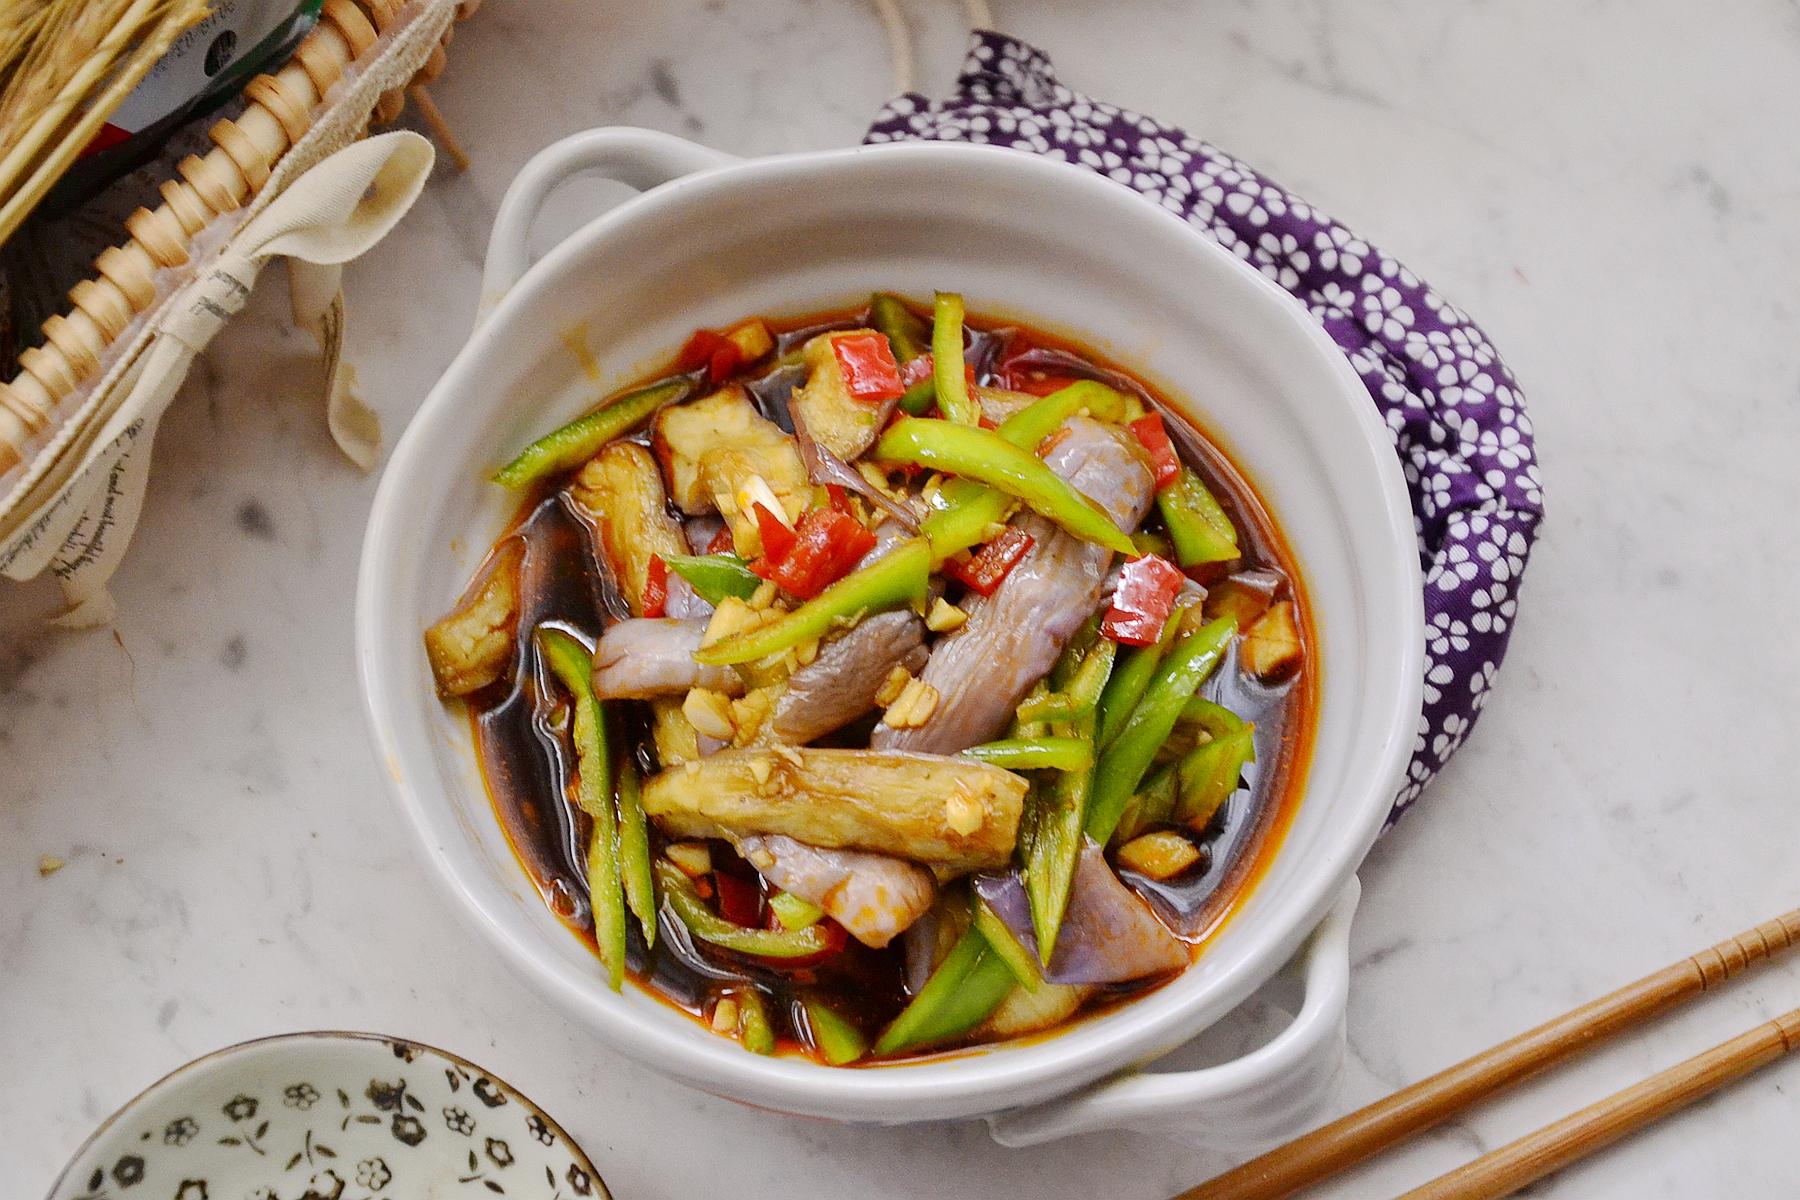 6道最受欢迎的凉菜,每顿做1道,比热菜更早光盘